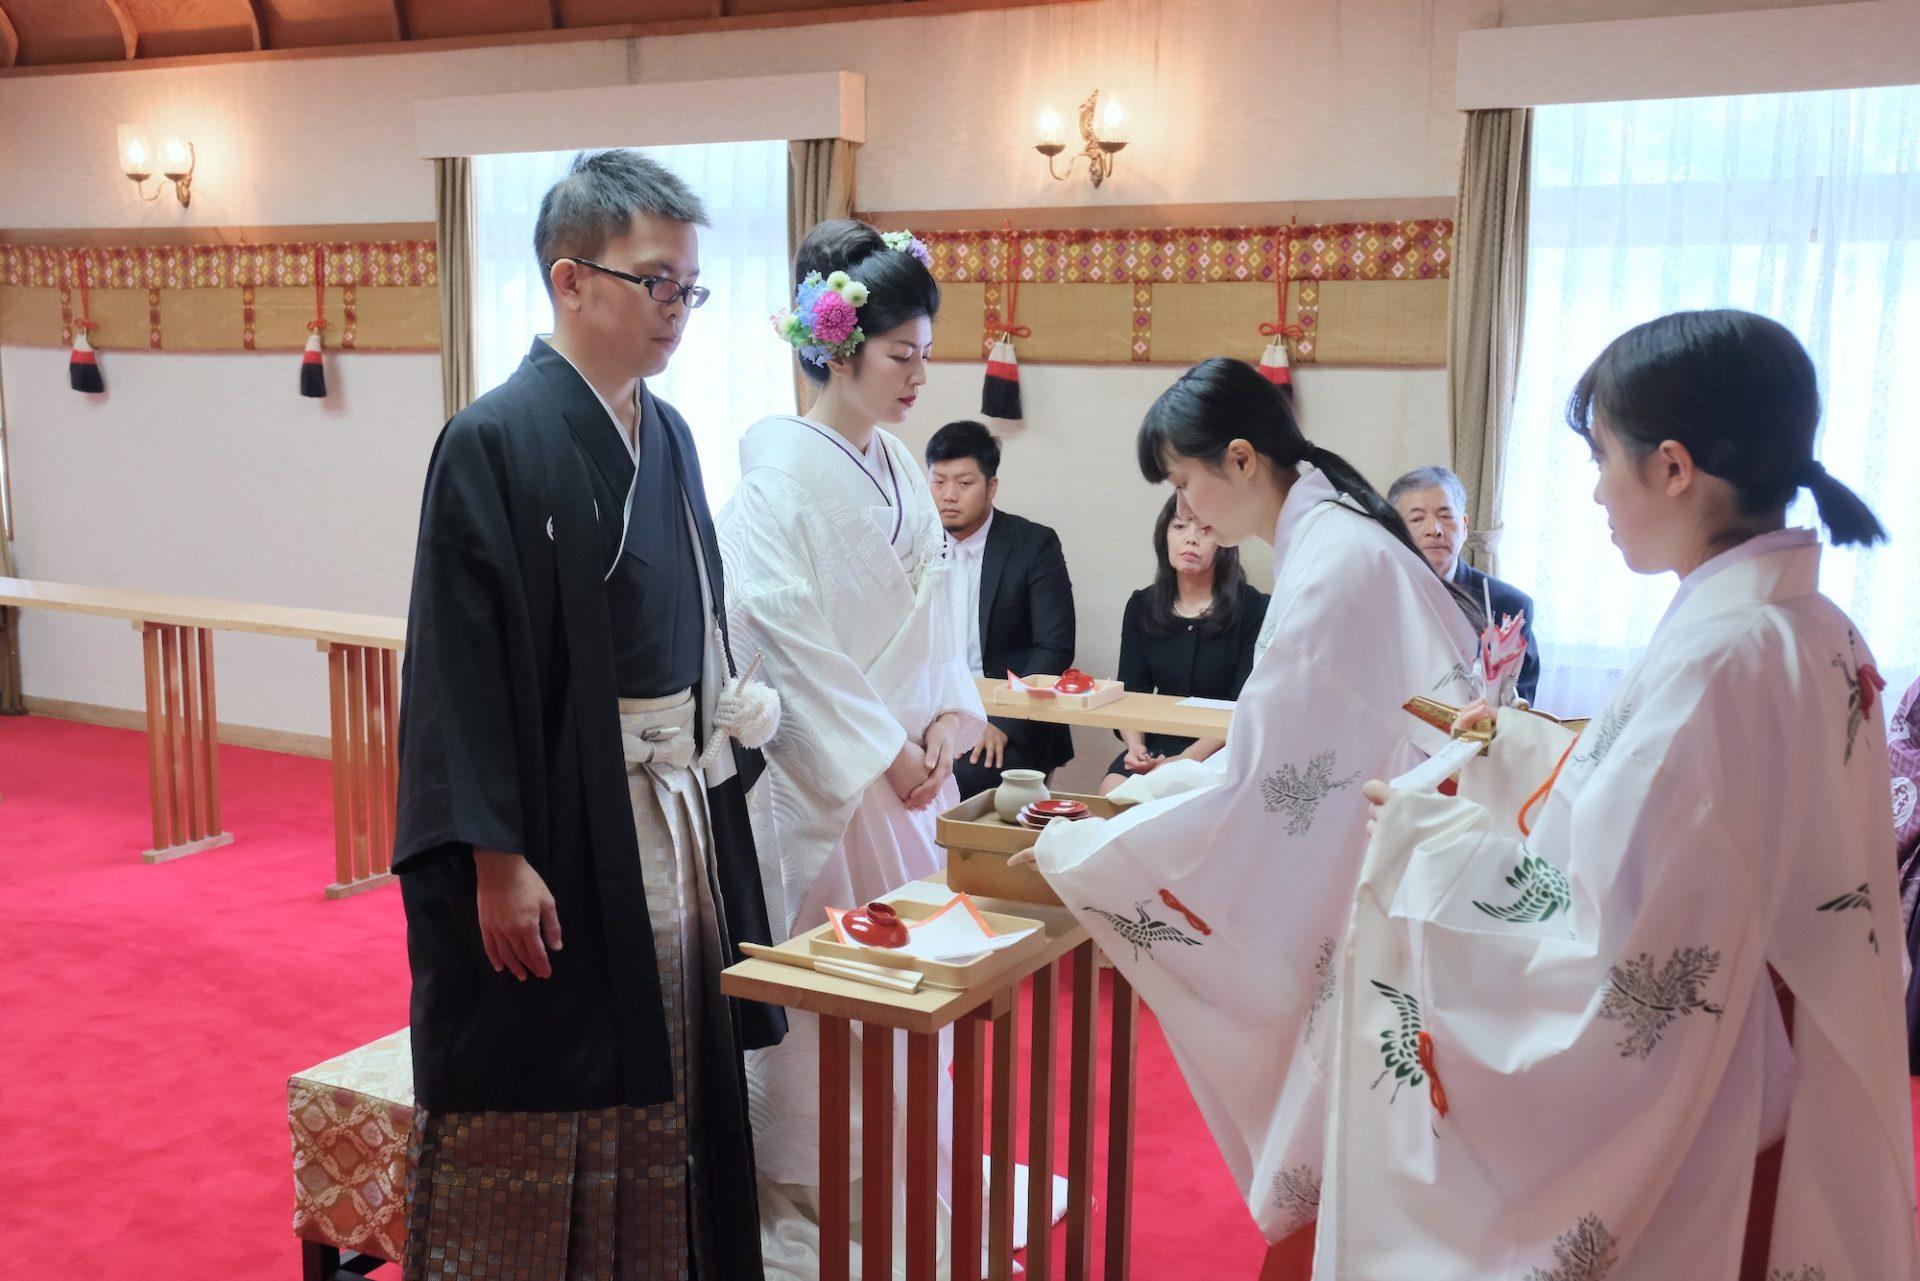 茨木神社で白無垢の結婚式の写真